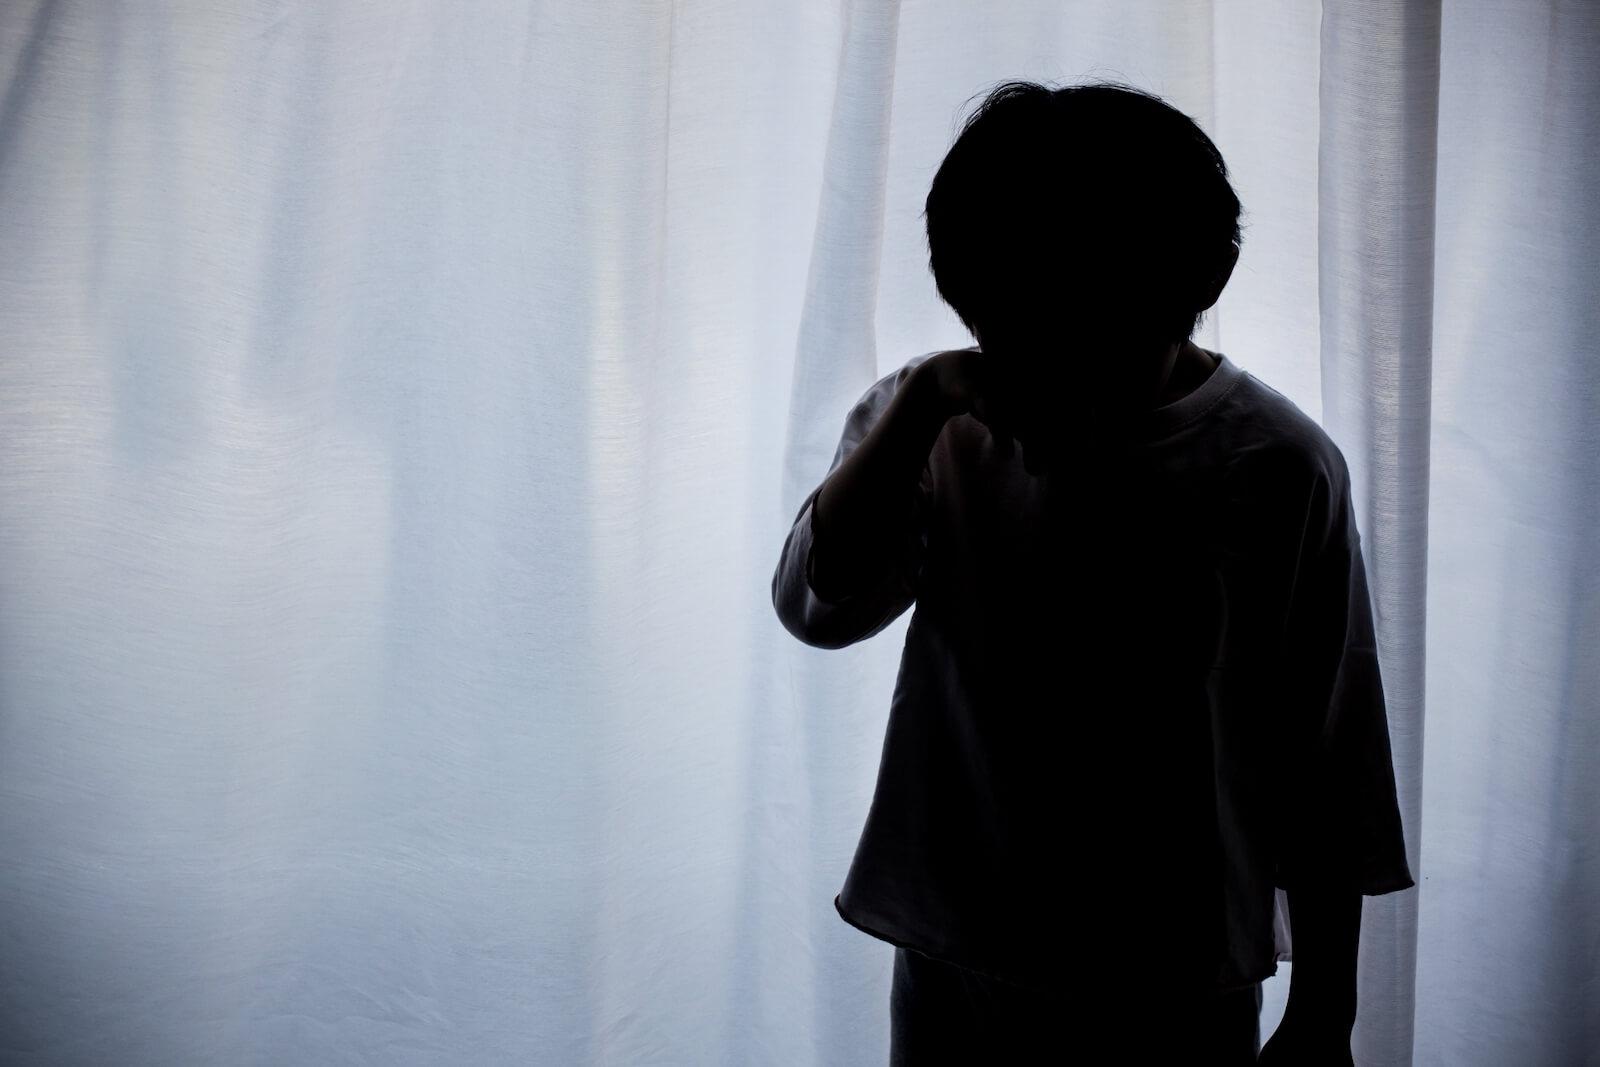 子供の虐待、その実態と課題、進む対策について